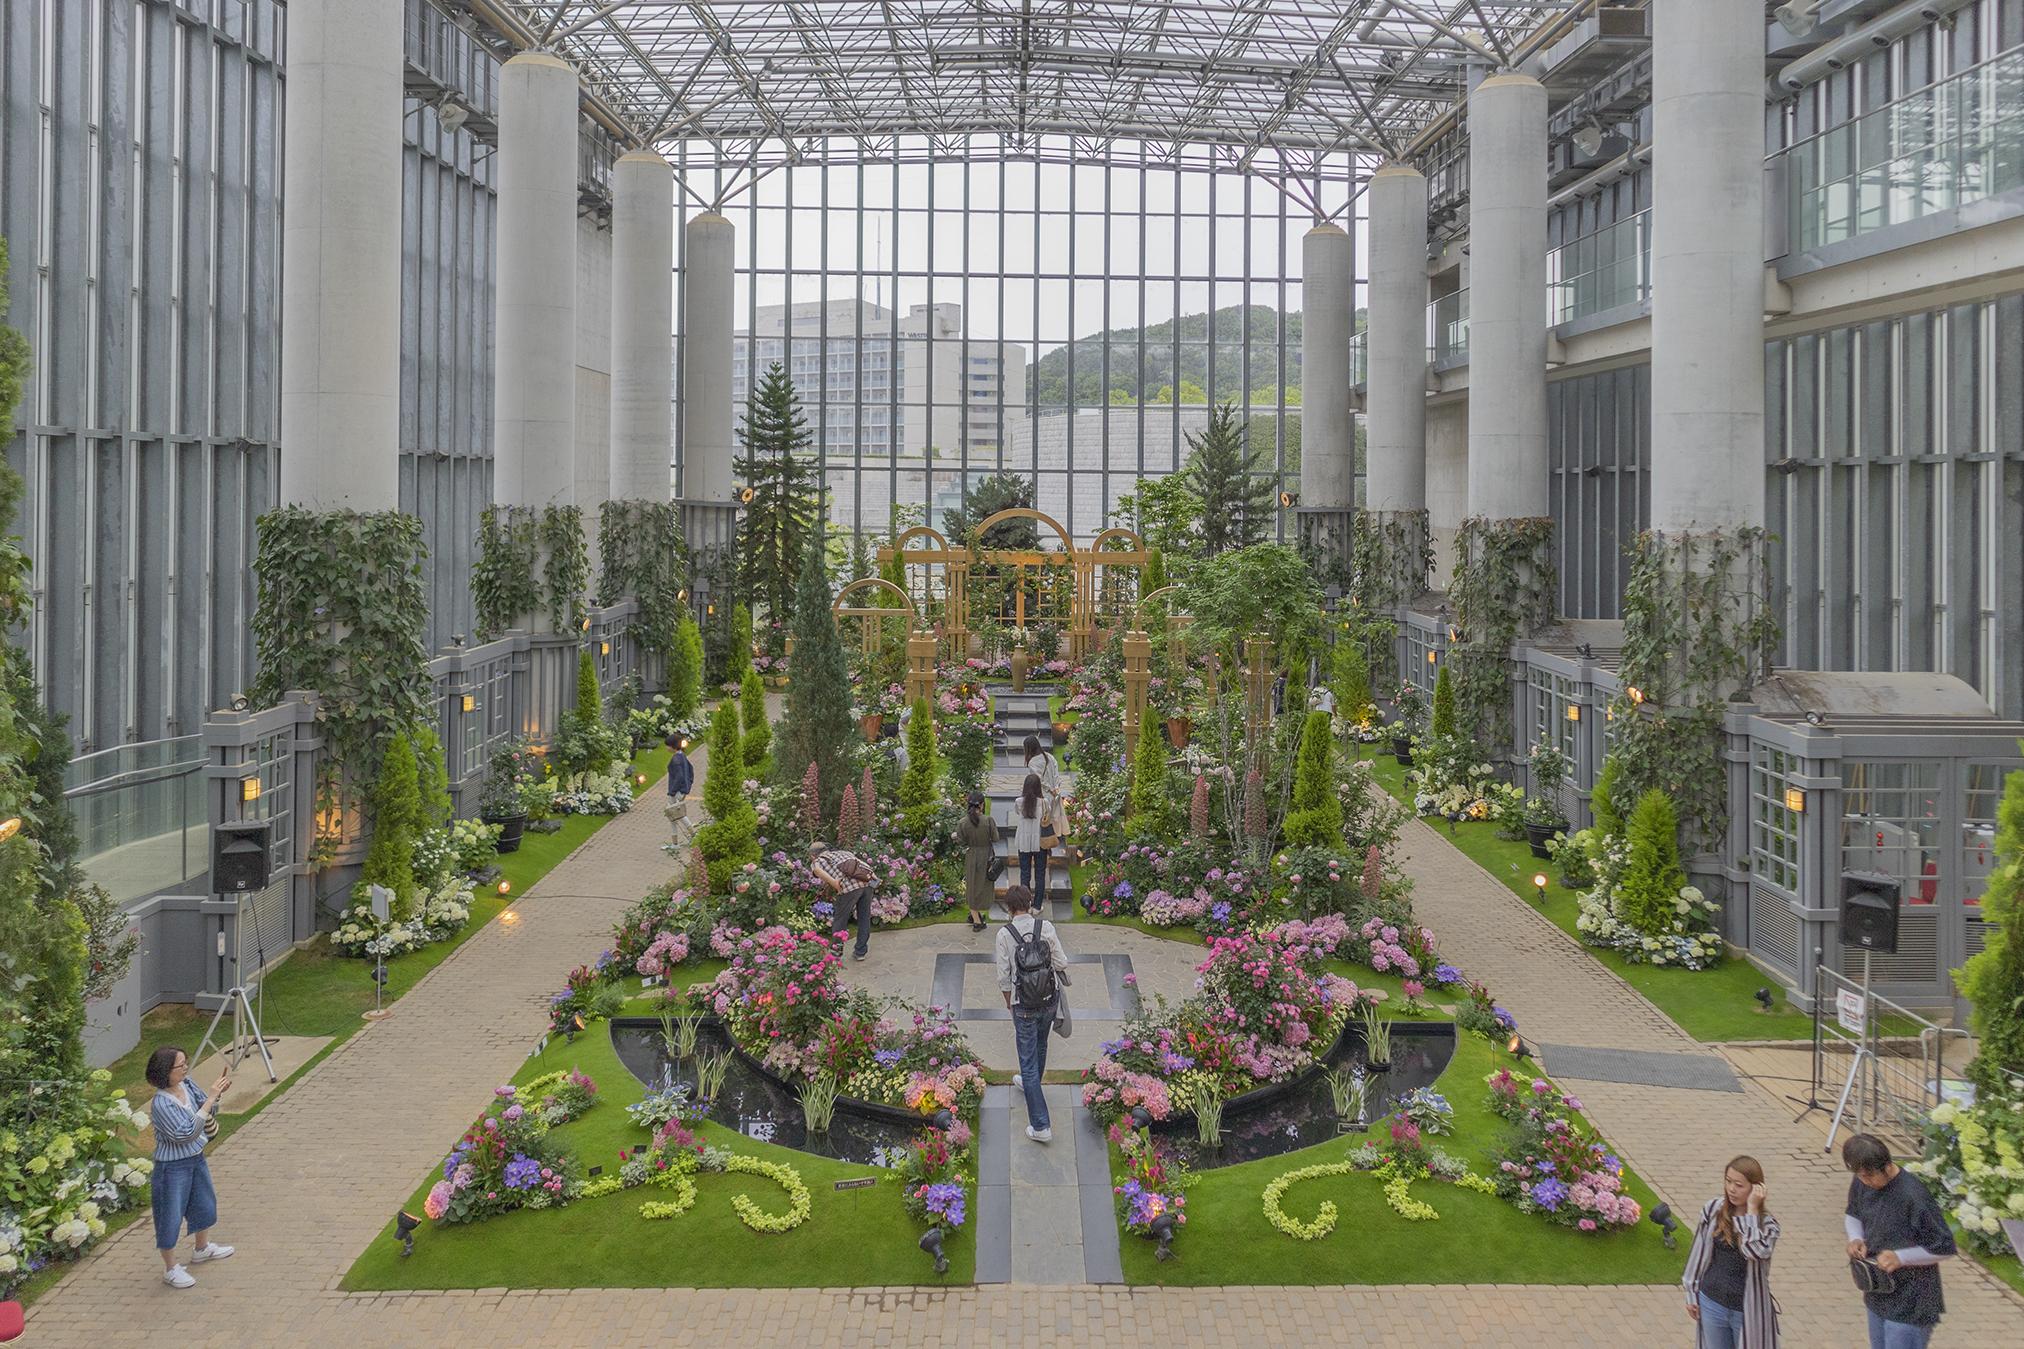 淡路島夢舞台「百段苑」と温室「奇跡の星の植物館」